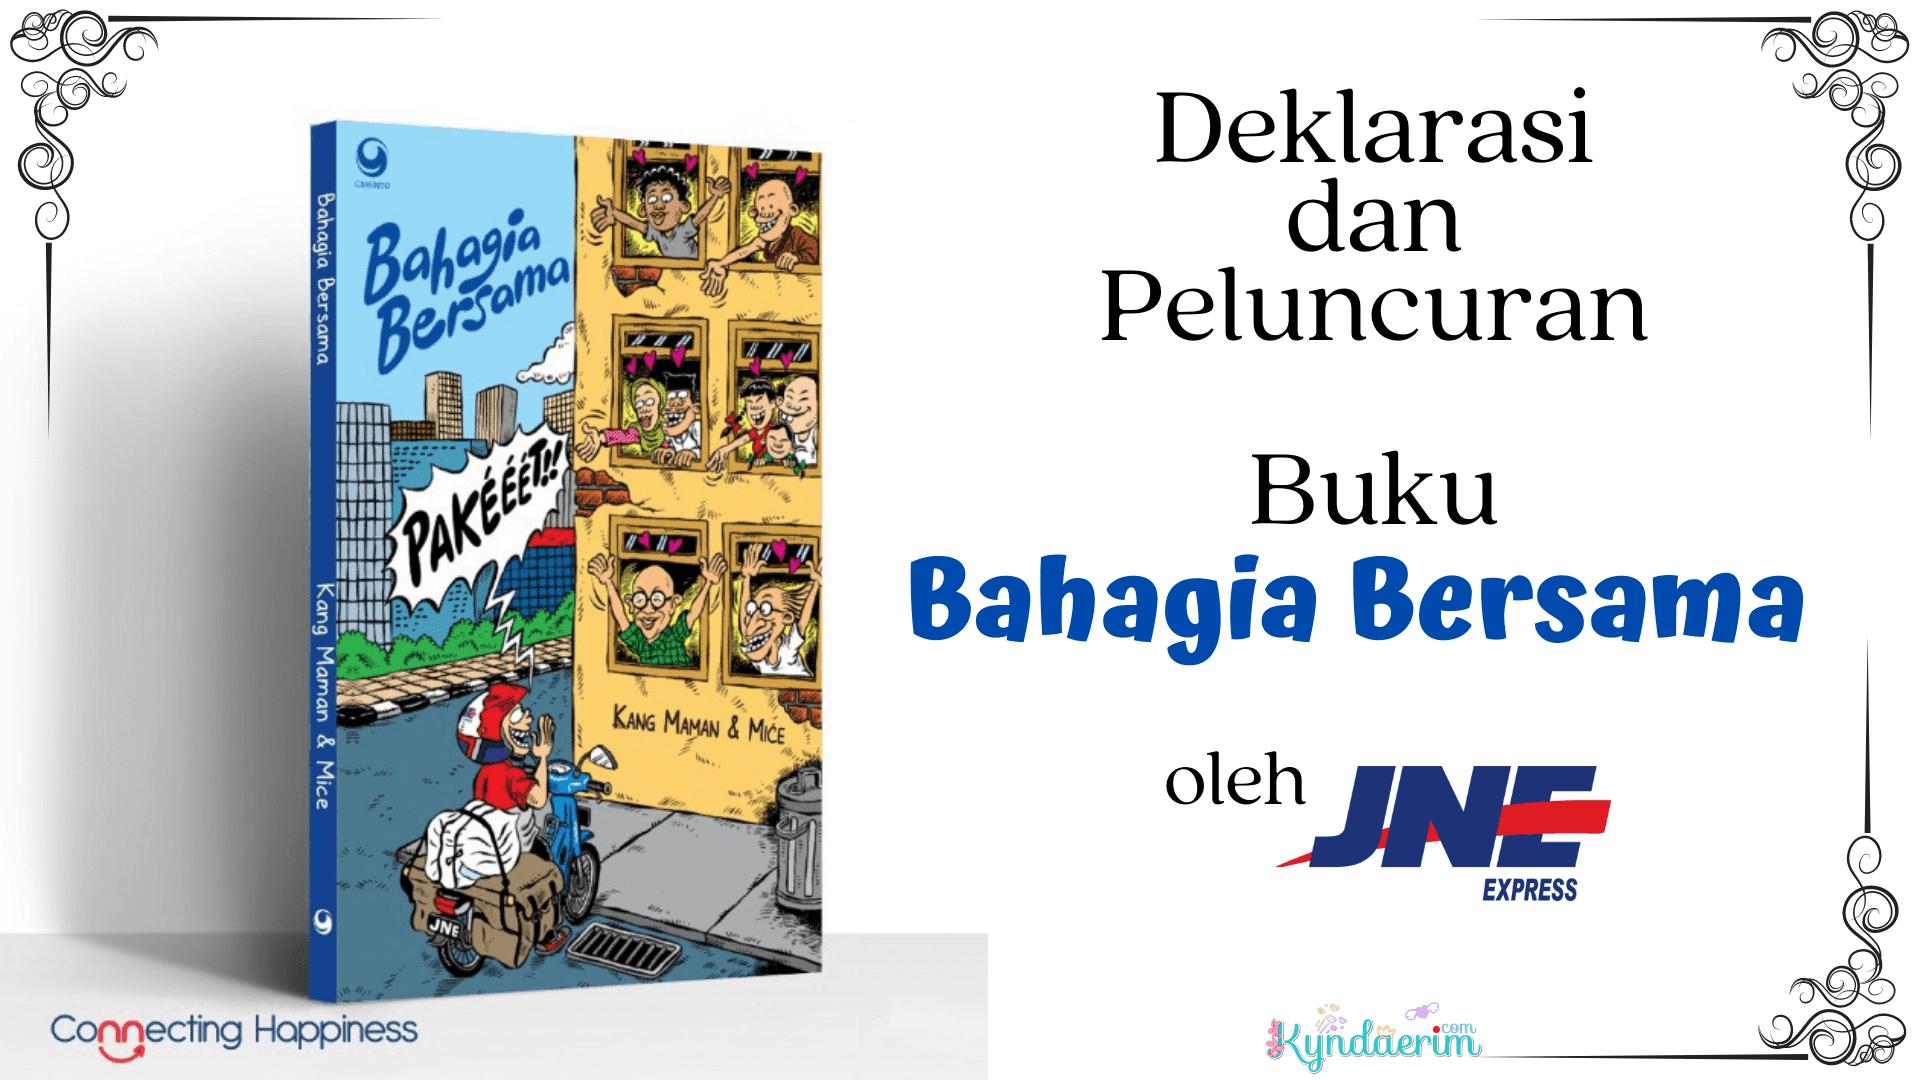 Deklarasi dan Peluncuran Buku Bahagia Bersama oleh JNE, kolaborasi kang maman dan mice